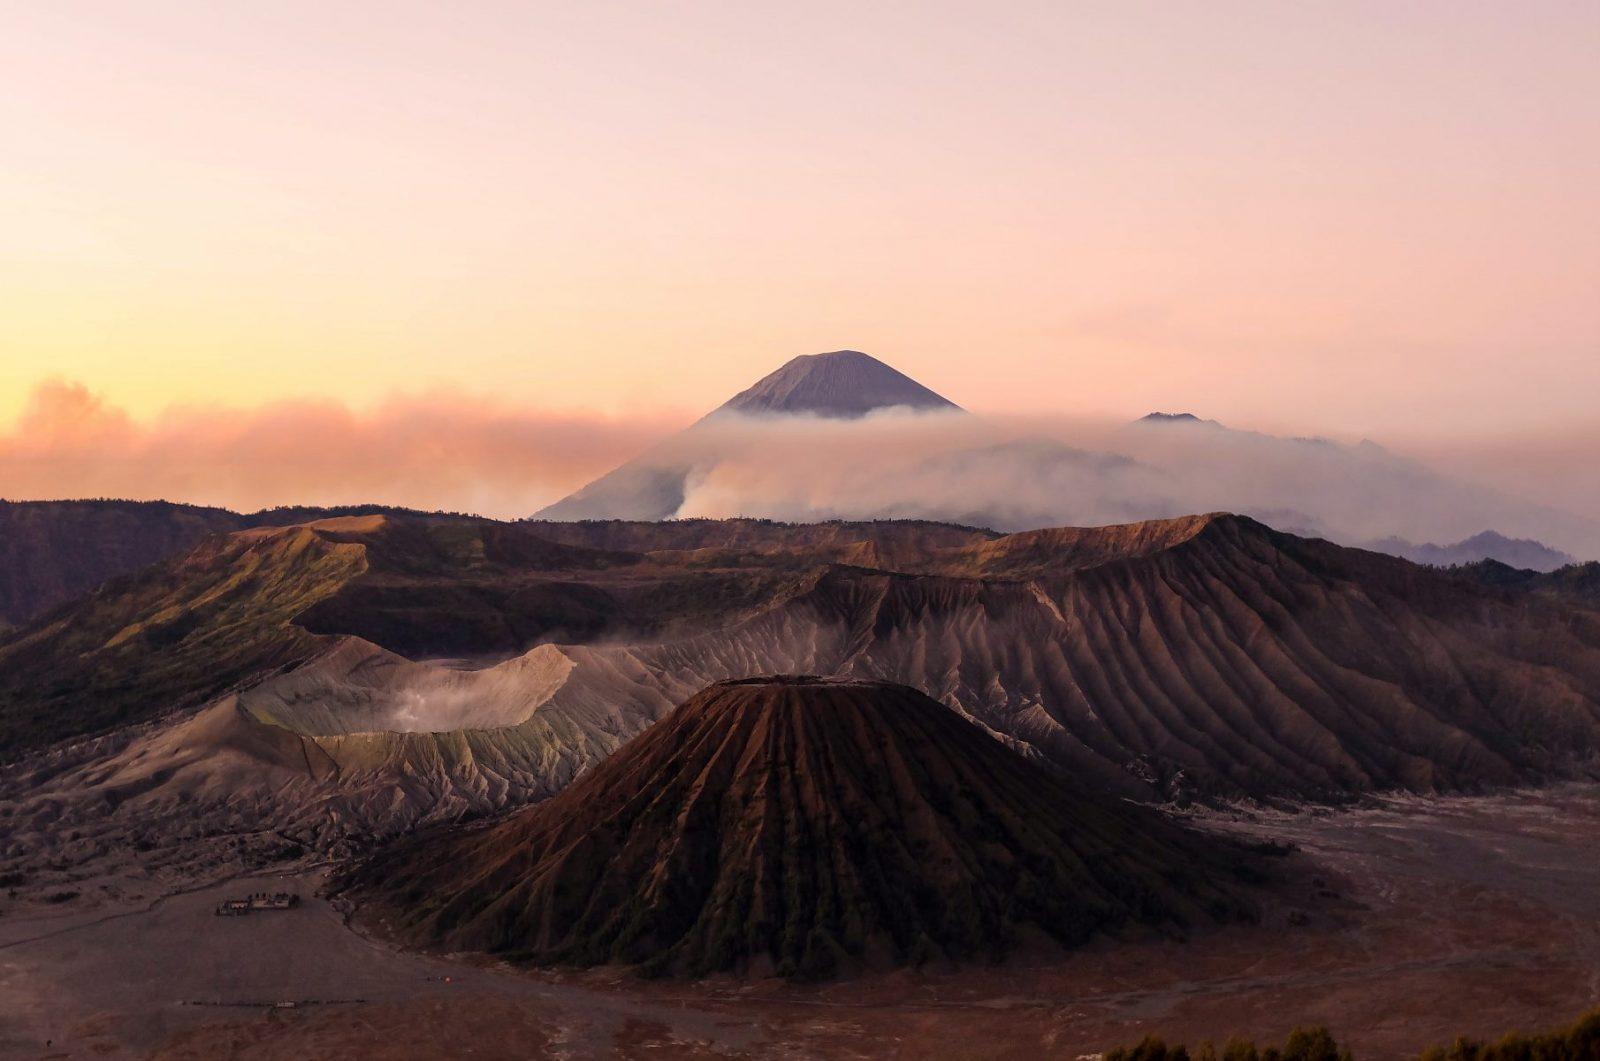 Остров Ява, Индонезия, вулканы Бромо